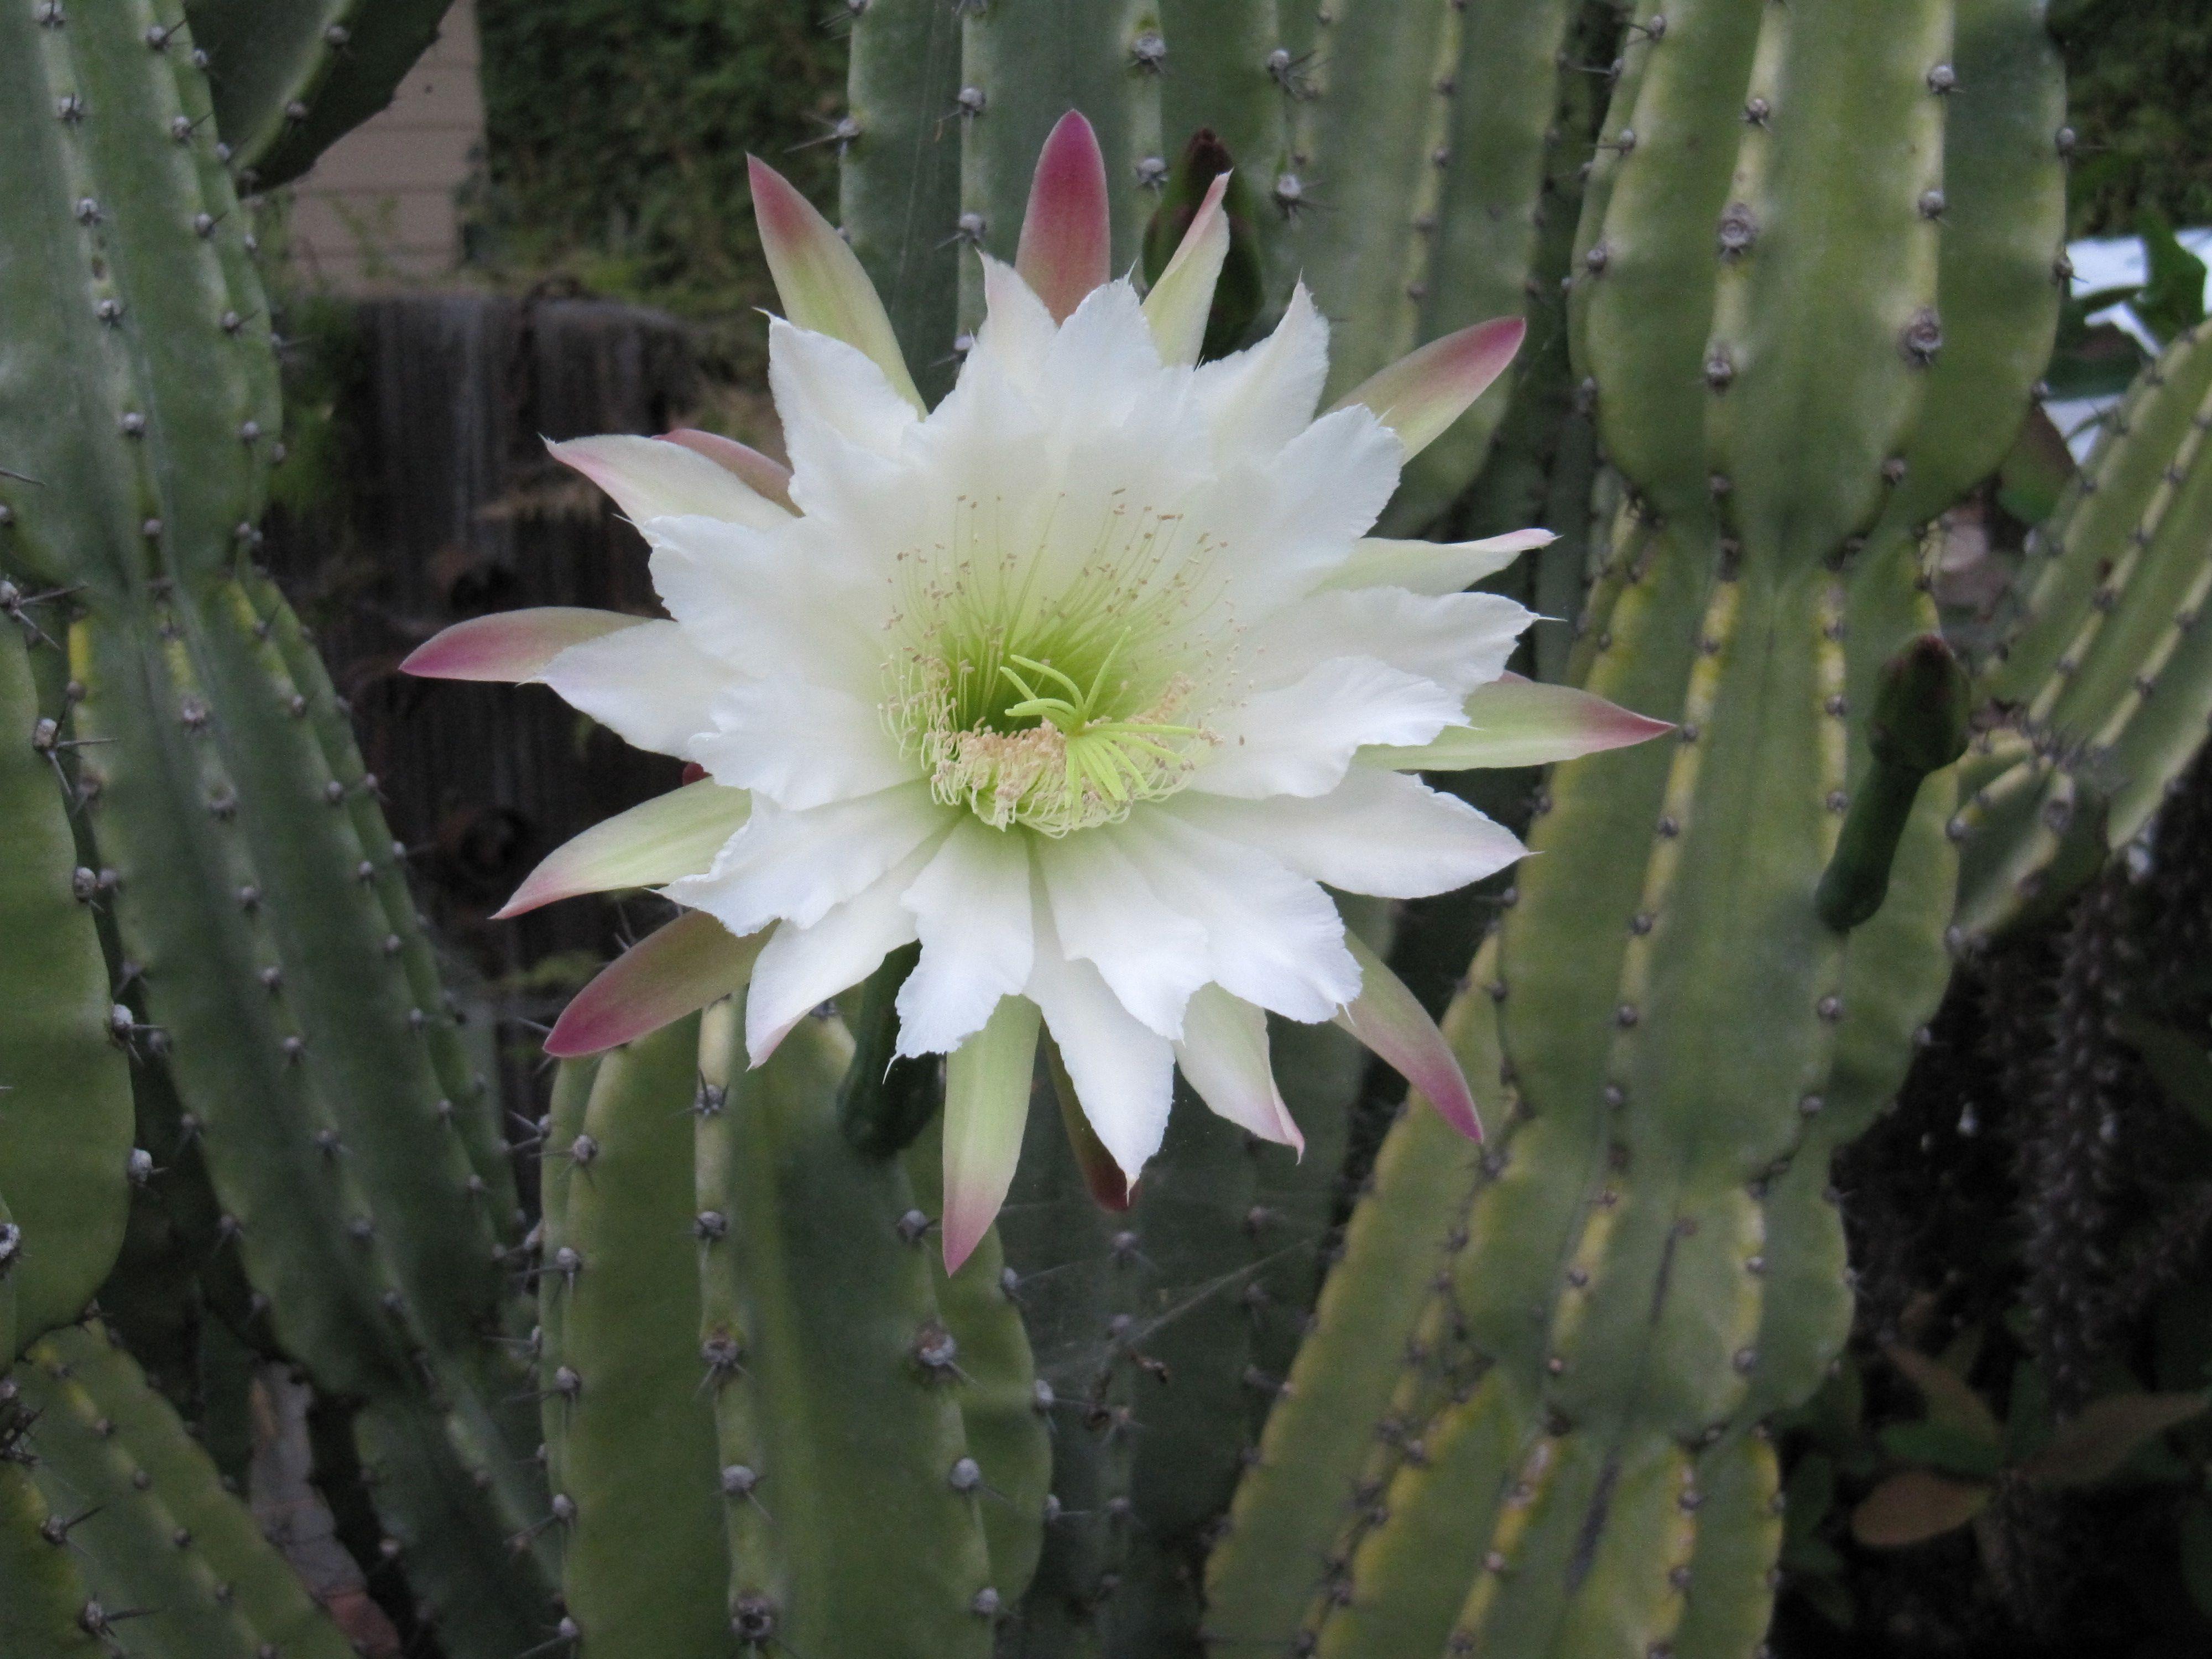 White Cactus Flower Cacti